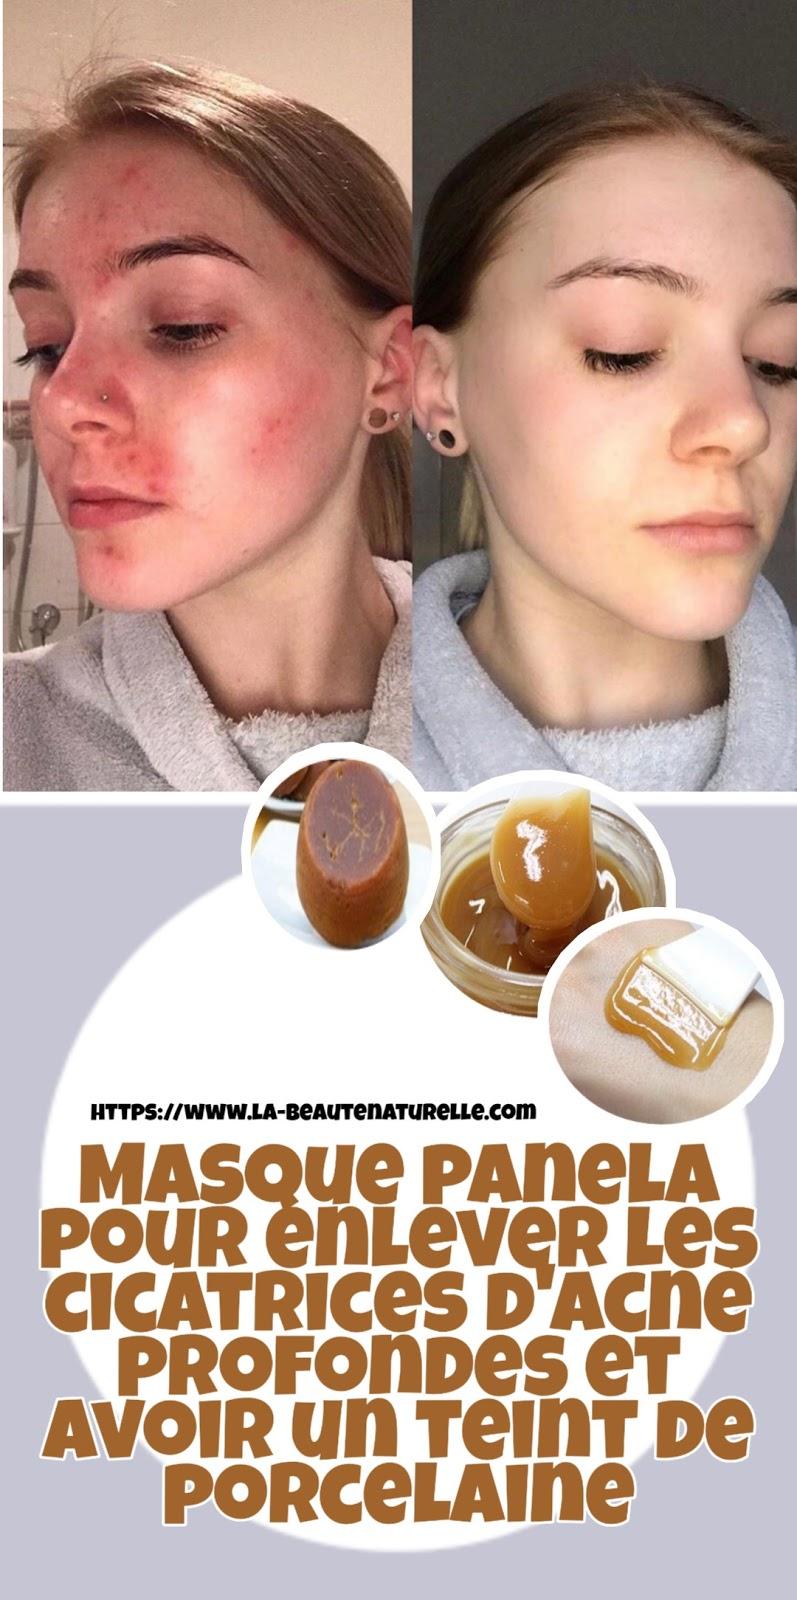 Masque panela pour enlever les cicatrices d'acné profondes et avoir un teint de porcelaine